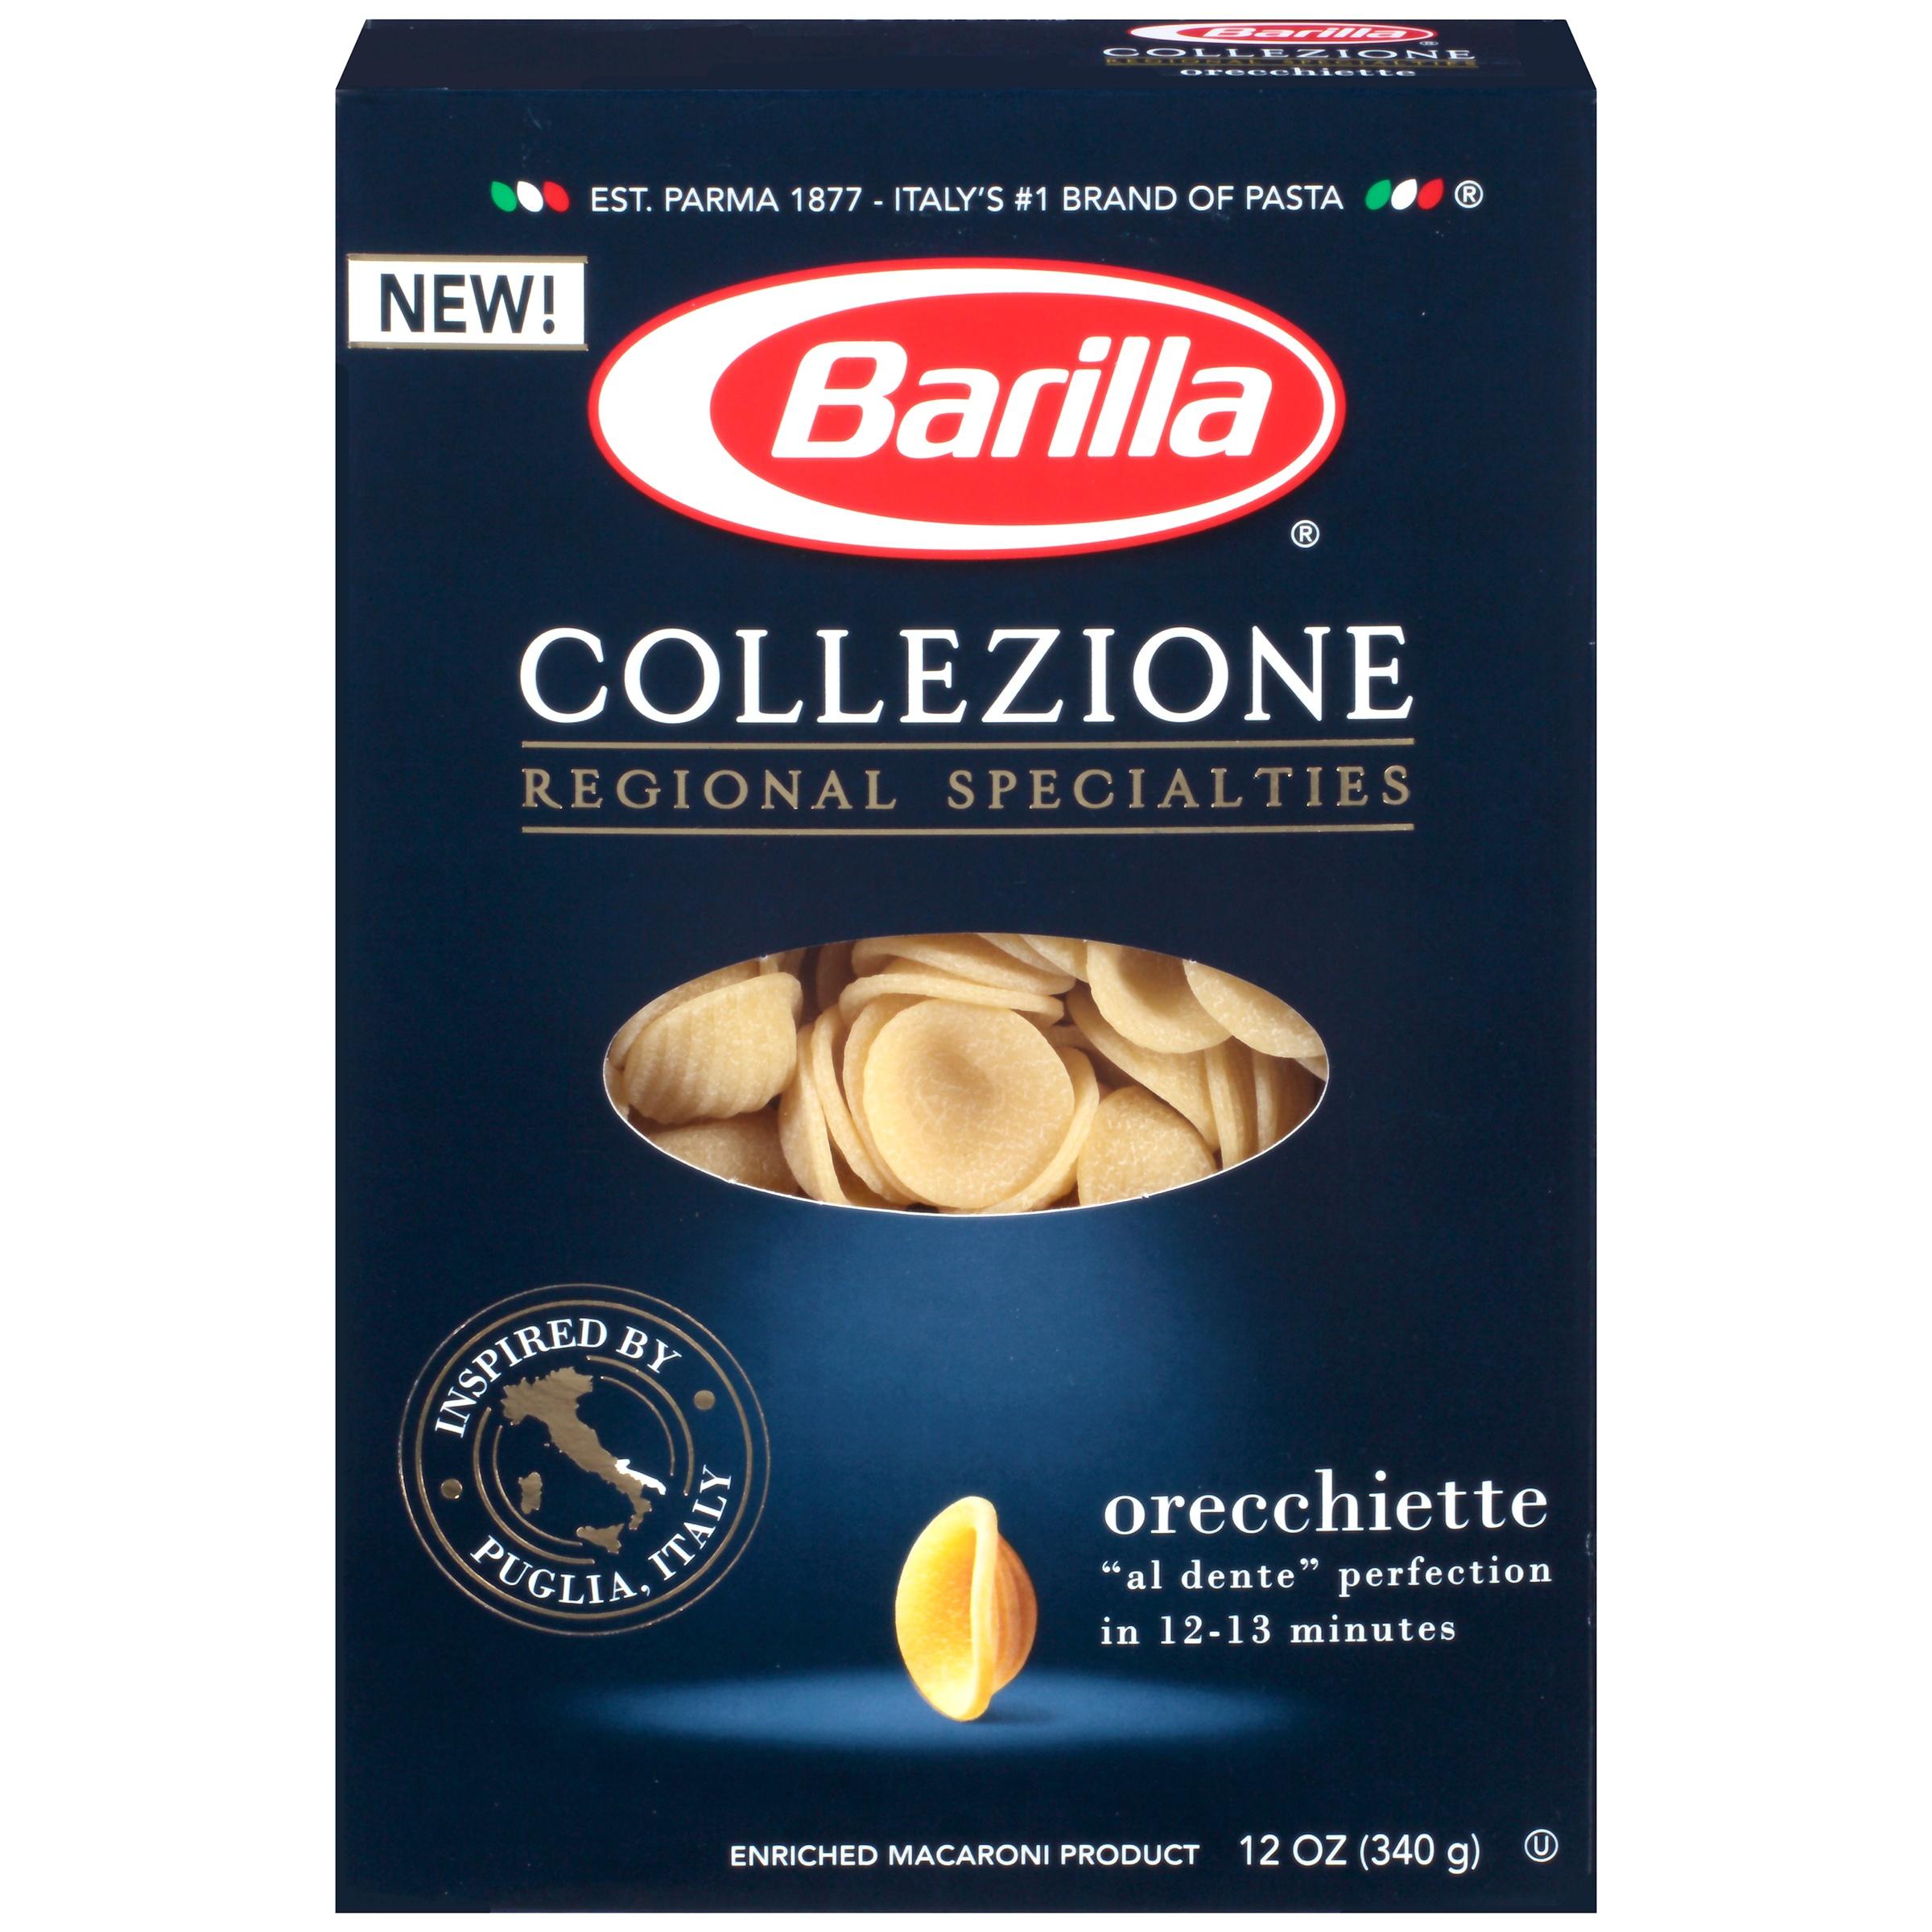 Barilla Pasta Collezione Orecchiette 12 oz. Box by Barilla